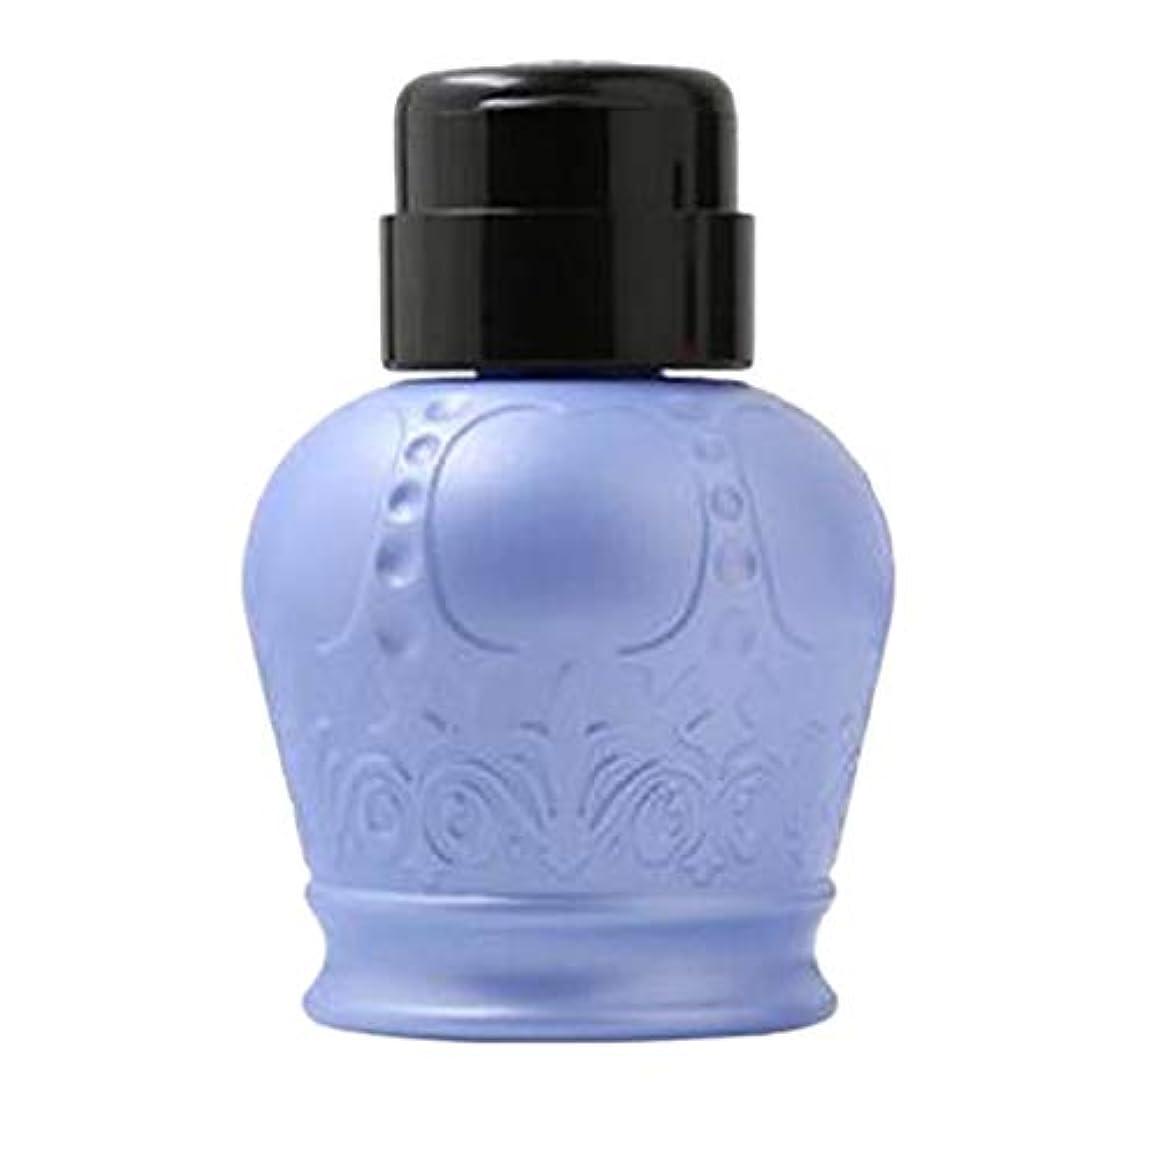 意見登録するへこみgazechimp 全2カラー ネイルアート用ディスペンサー アクリルリムーバーボトル ポンプボトル - ブルー